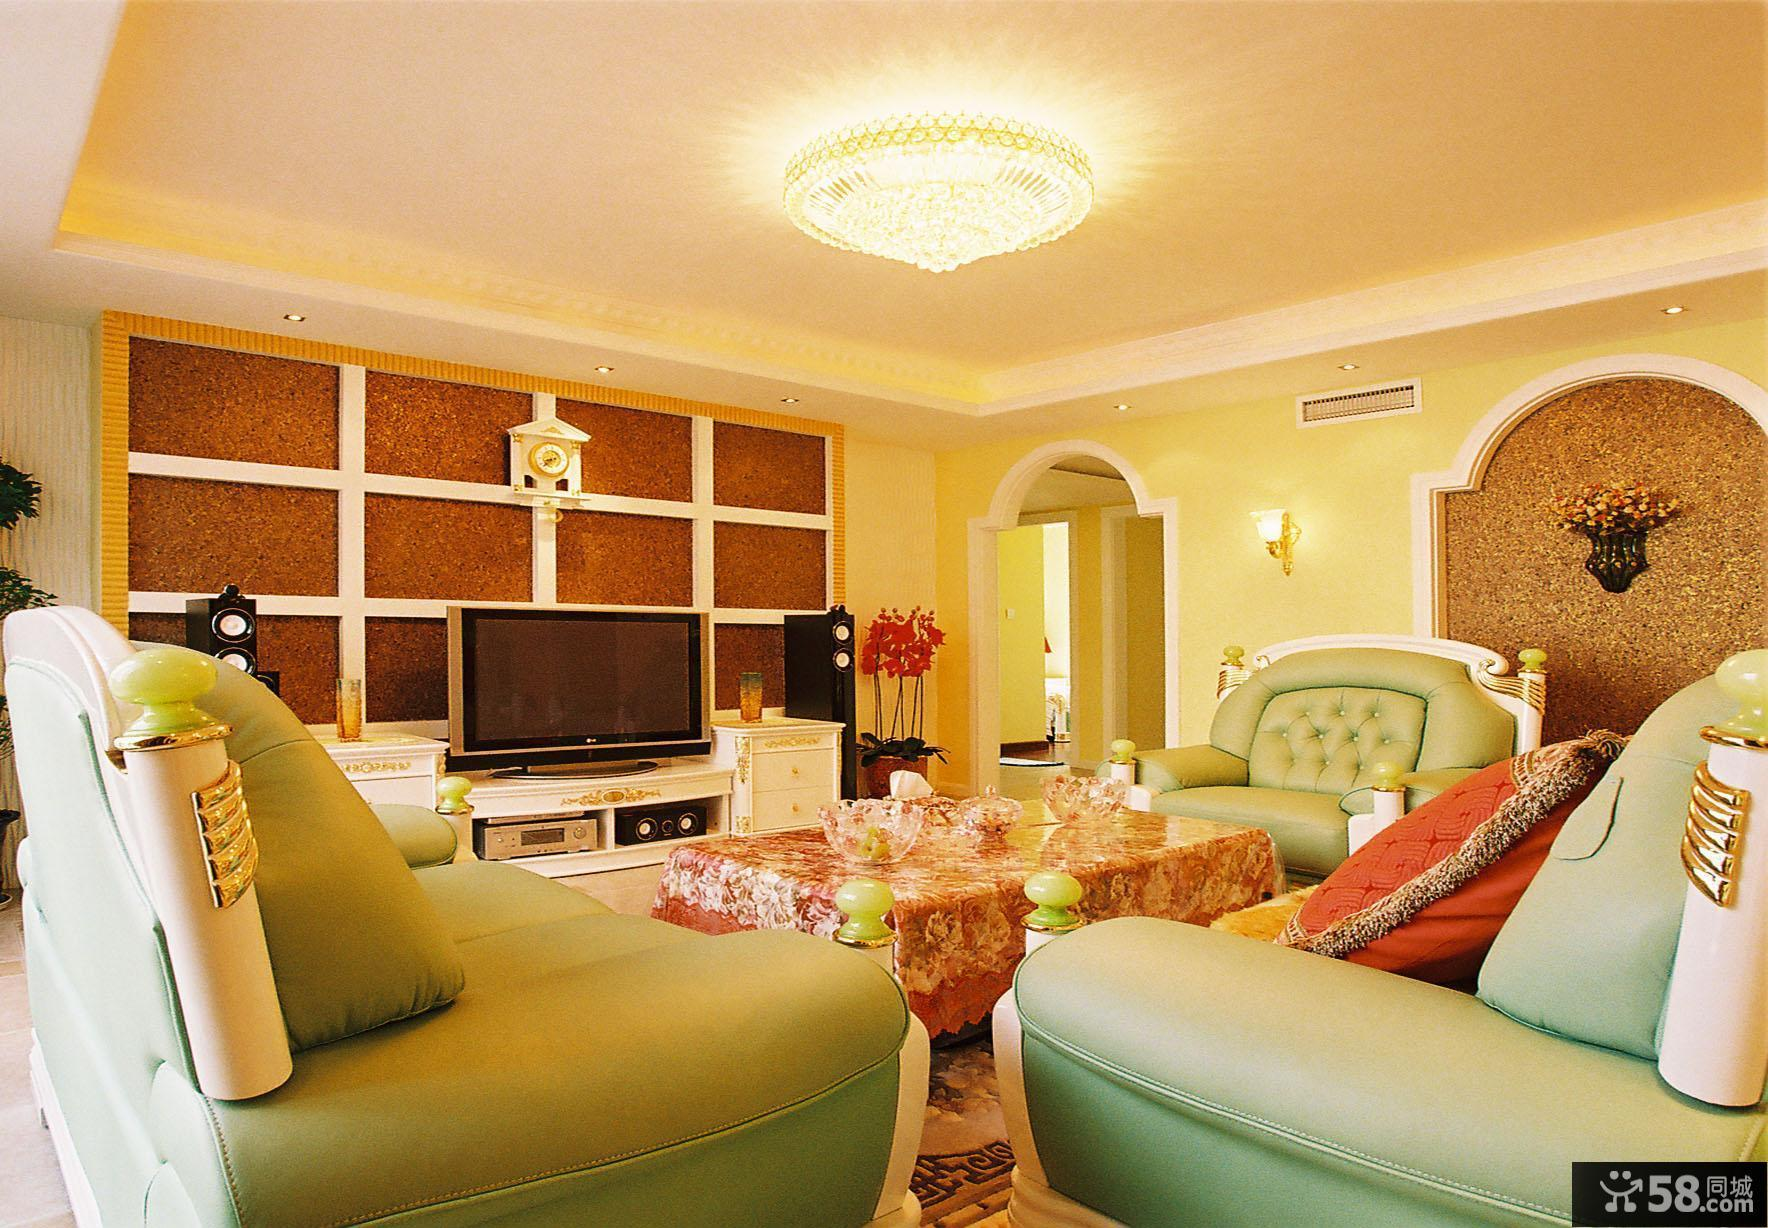 东南亚风格室内客厅装修效果图大全